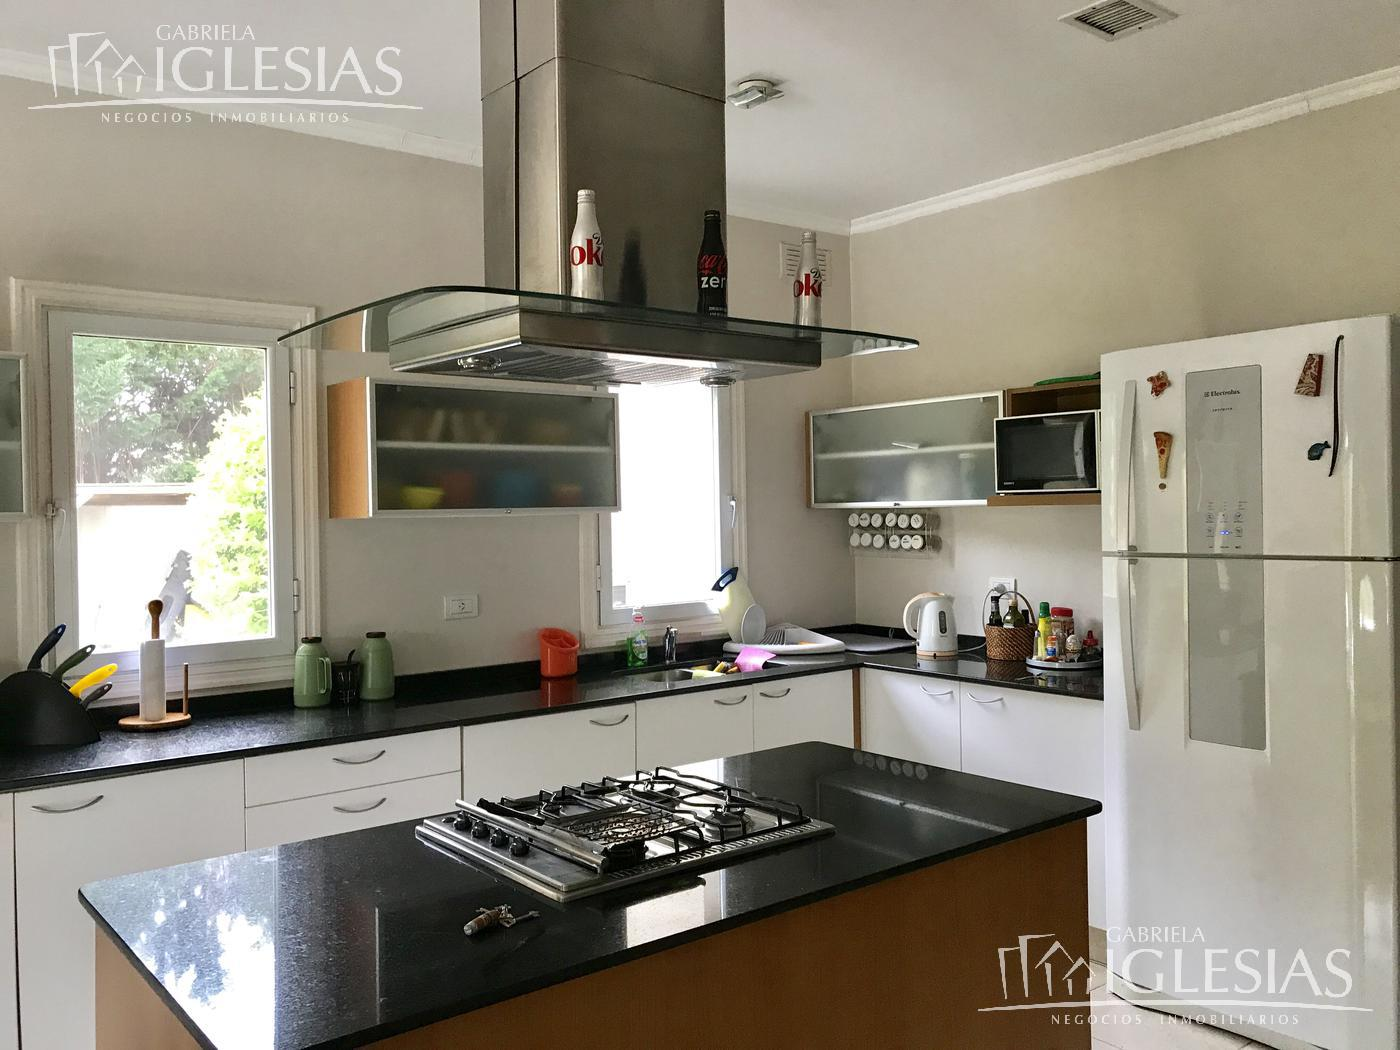 Casa en Venta Alquiler en La Isla a Venta - u$s 1.320.000 Alquiler - u$s 6.000